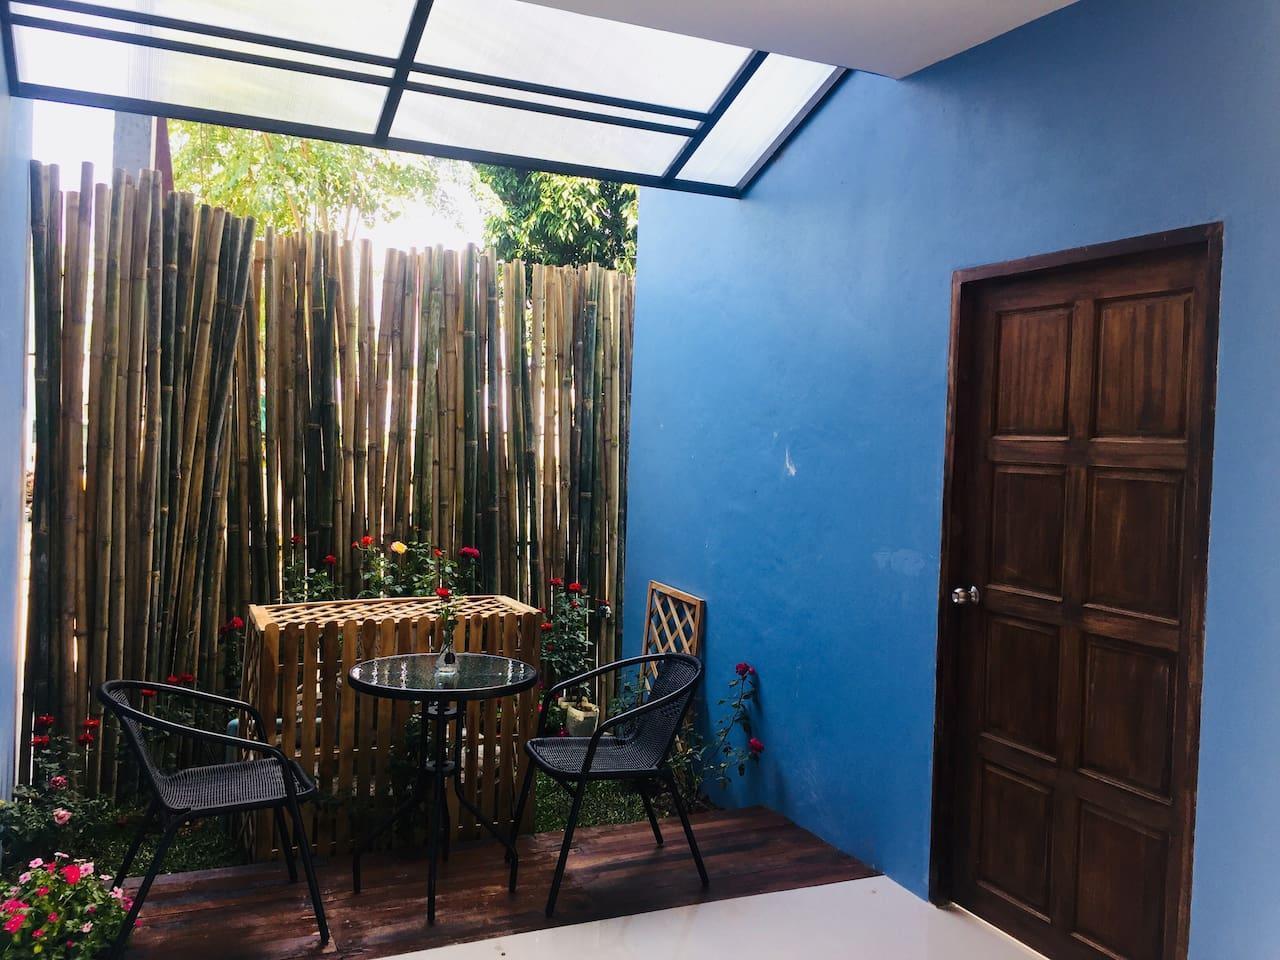 De Rose Hotel ChiangMai 9 ห้องนอน 1 ห้องน้ำส่วนตัว ขนาด 12 ตร.ม. – สนามบินเชียงใหม่